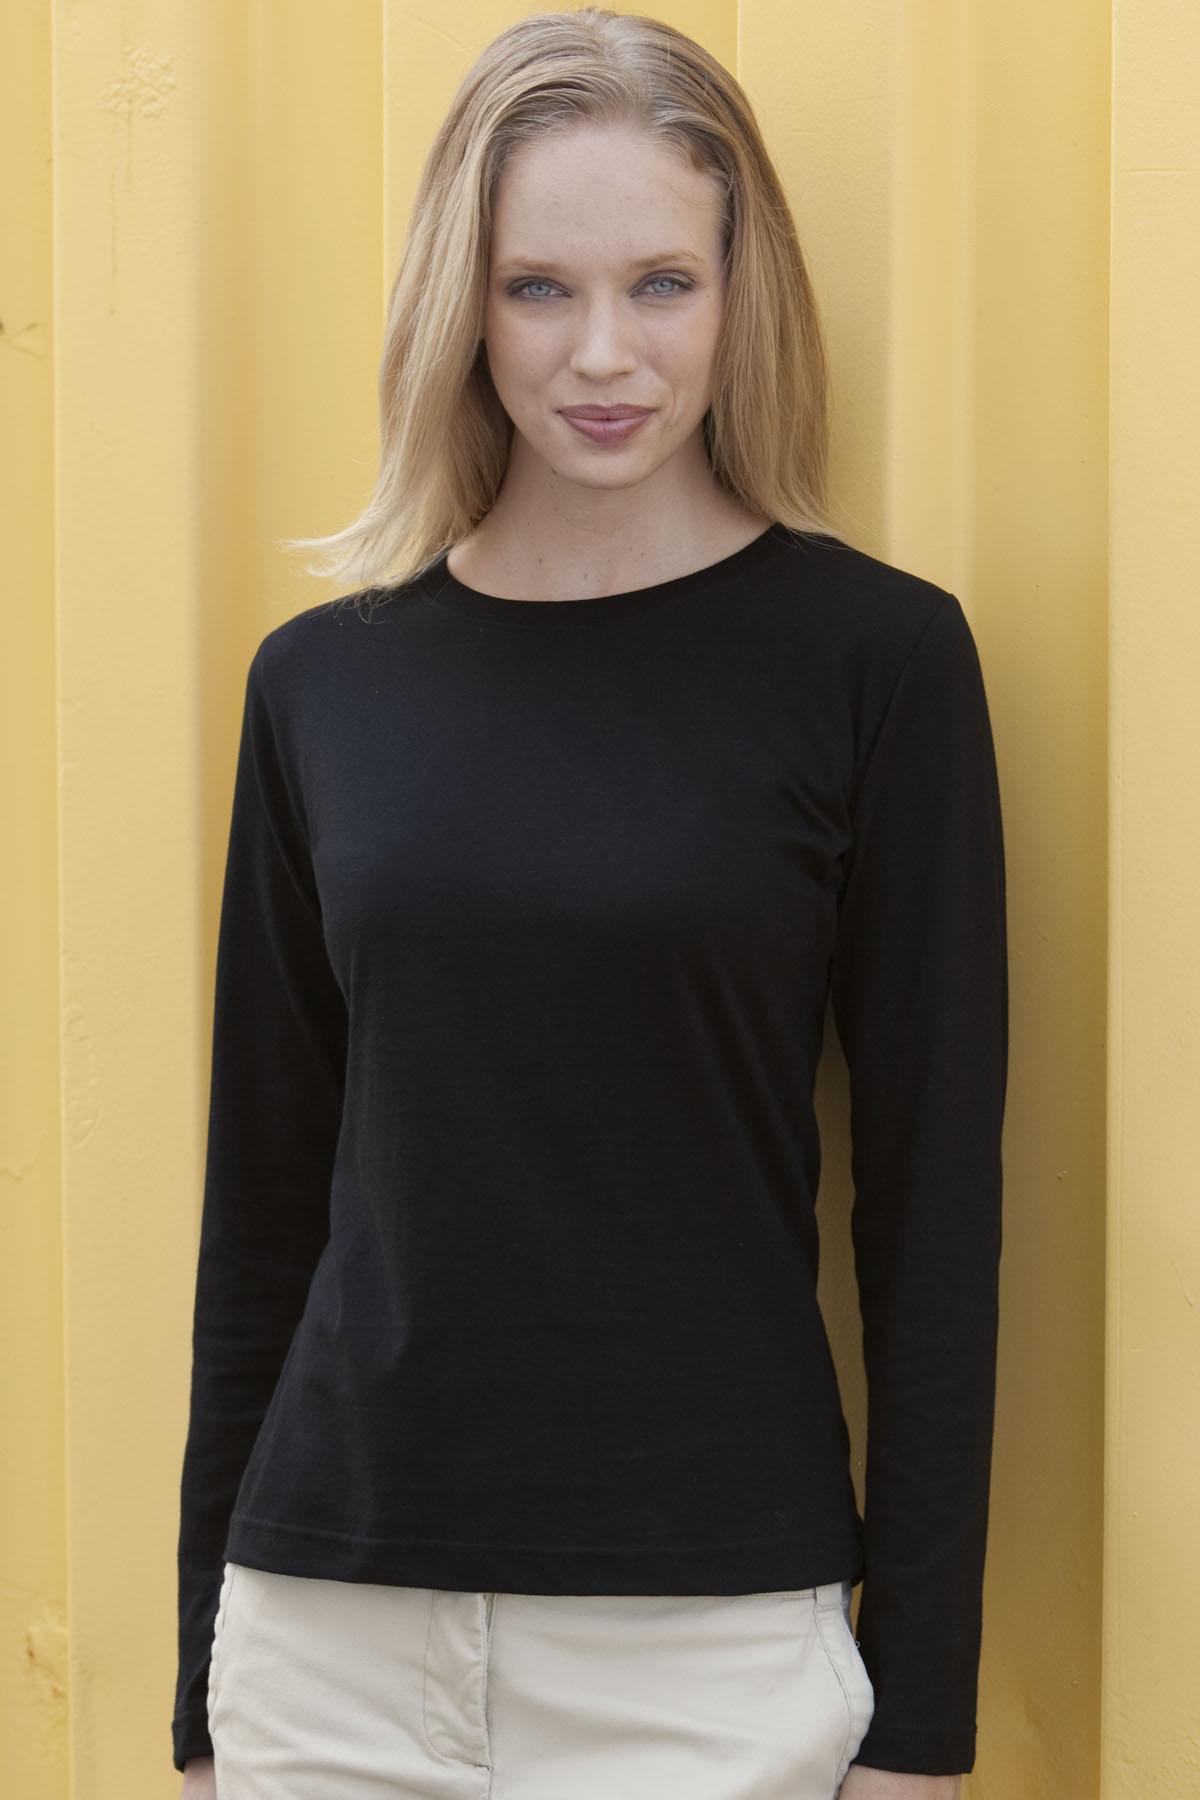 Vantage 0284 - Women's Long Sleeve Scoop Neck T-Shirt